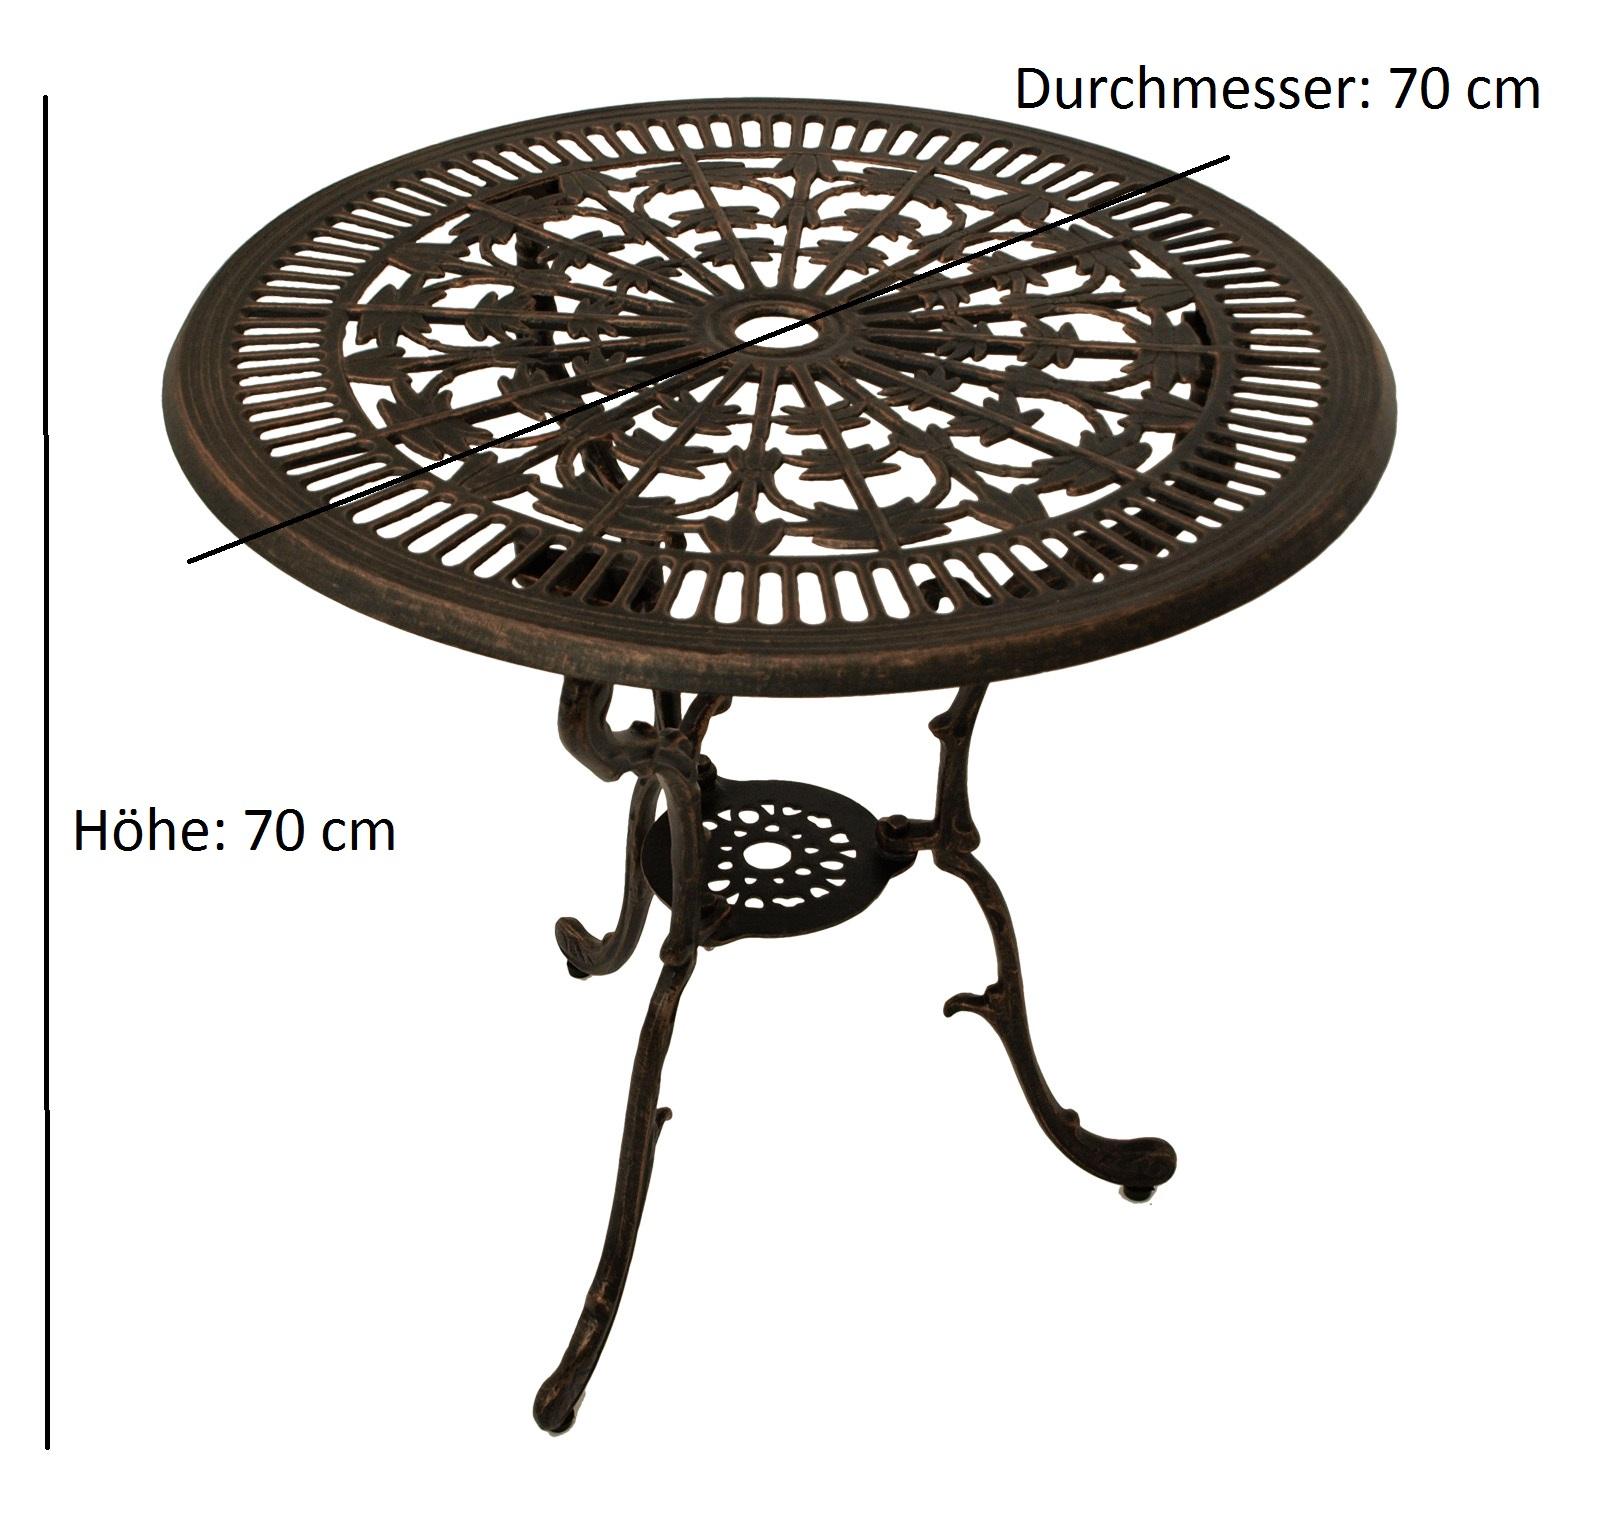 Tisch Jugendstil 70cm rund, Aluguss bronze antik